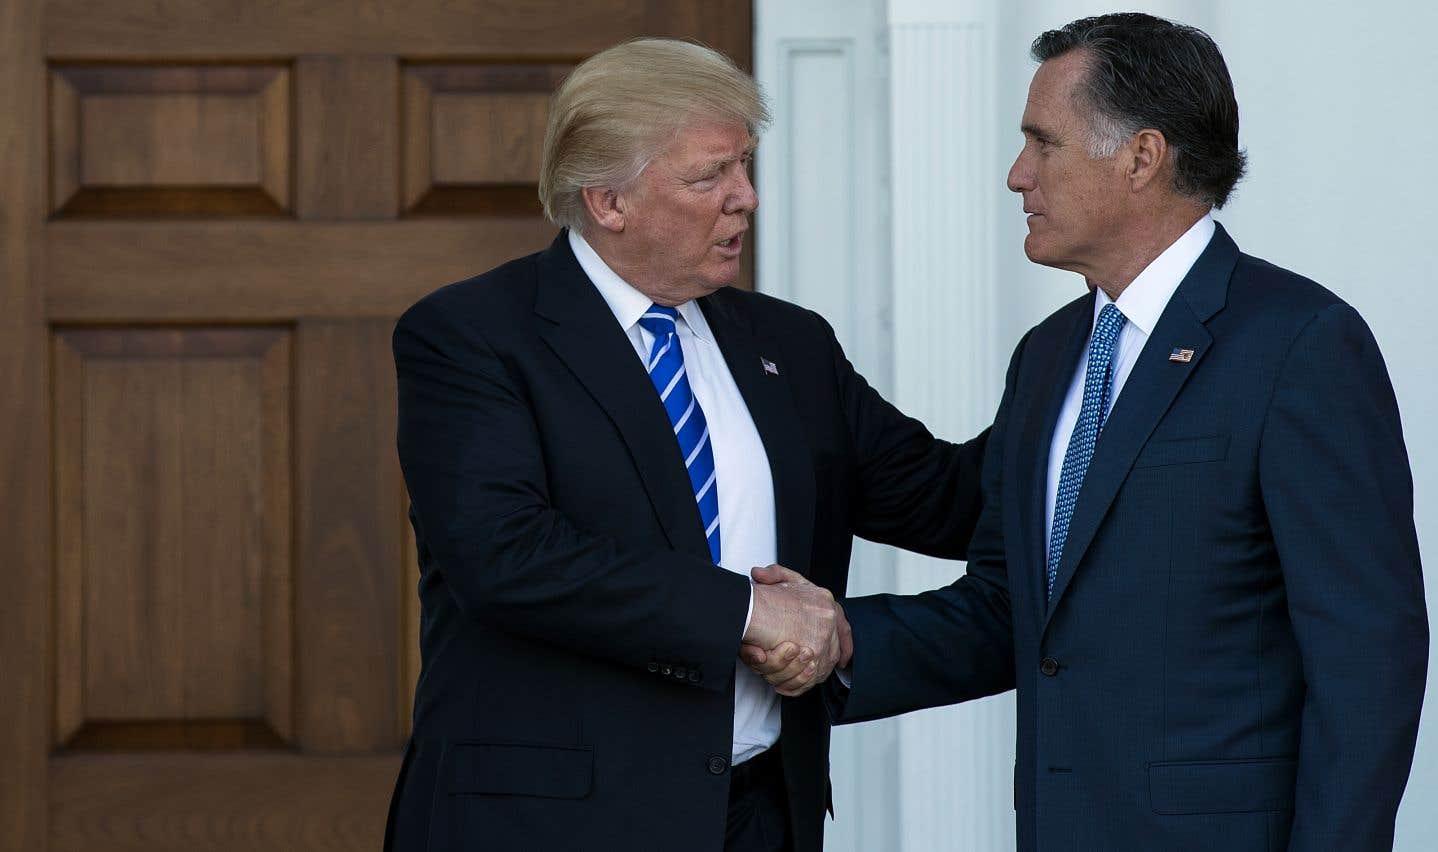 Mitt Romney, qui est aujourd'hui candidat à une élection sénatoriale, a pourtant souvent critiqué Donald Trump.